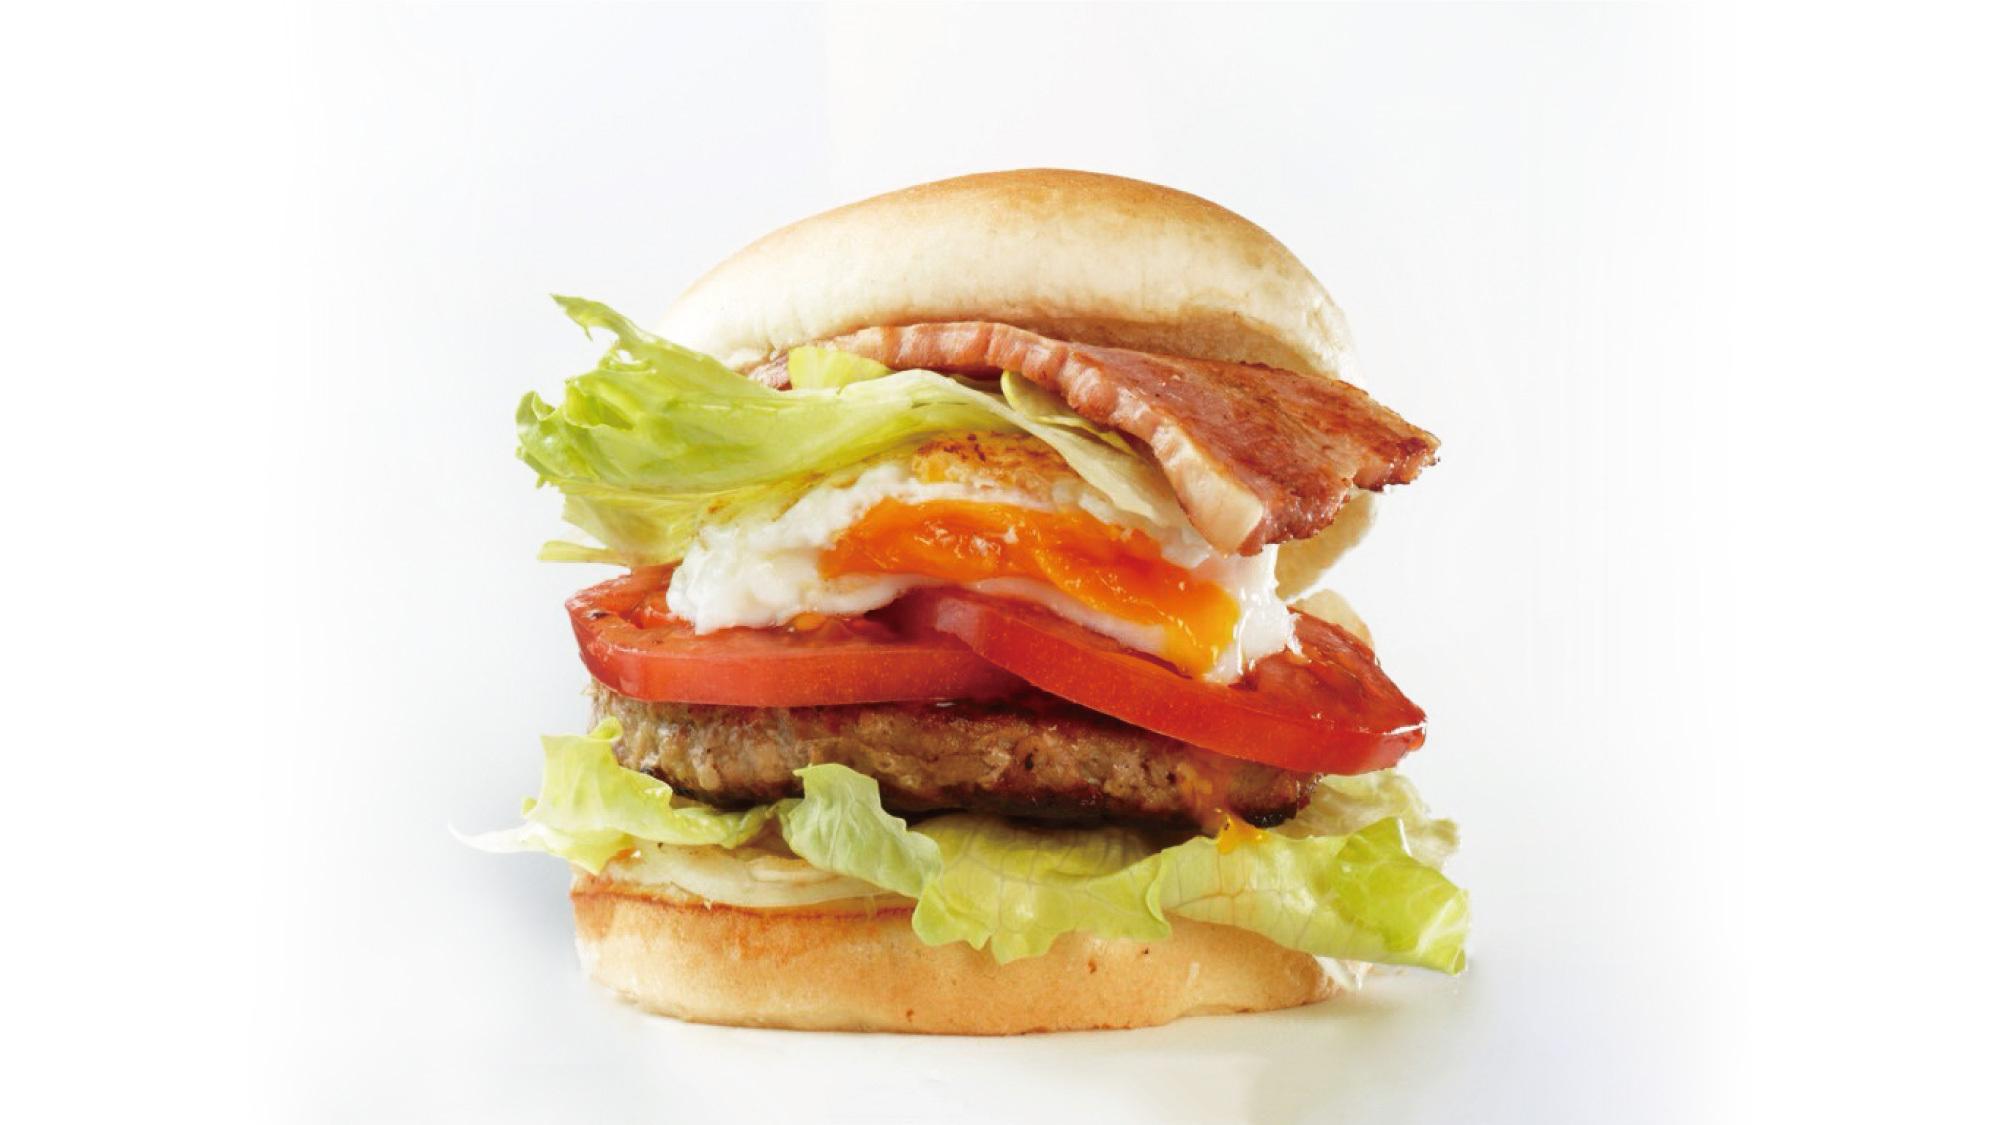 【特製ハンバーガー】翌日のランチにも!ご当地グルメ「千歳バーガー」セット付き/ビュッフェ